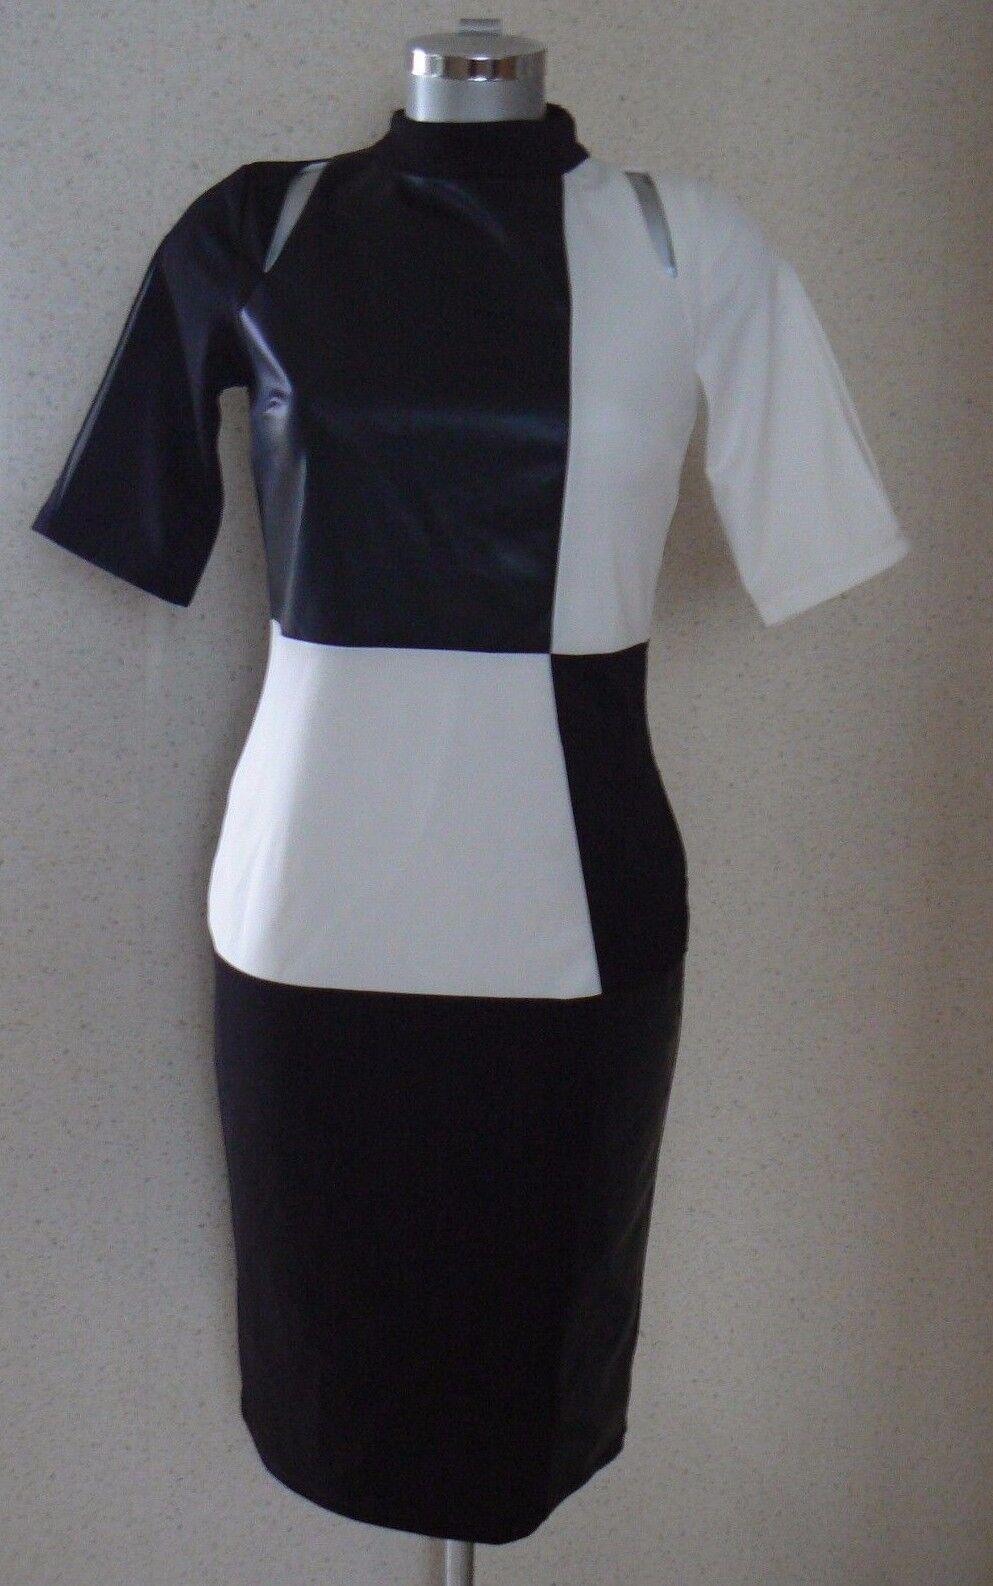 FOREVER UNIQUE ELLEN MONO DRESS Size 16 PU Panels NEW TAGS